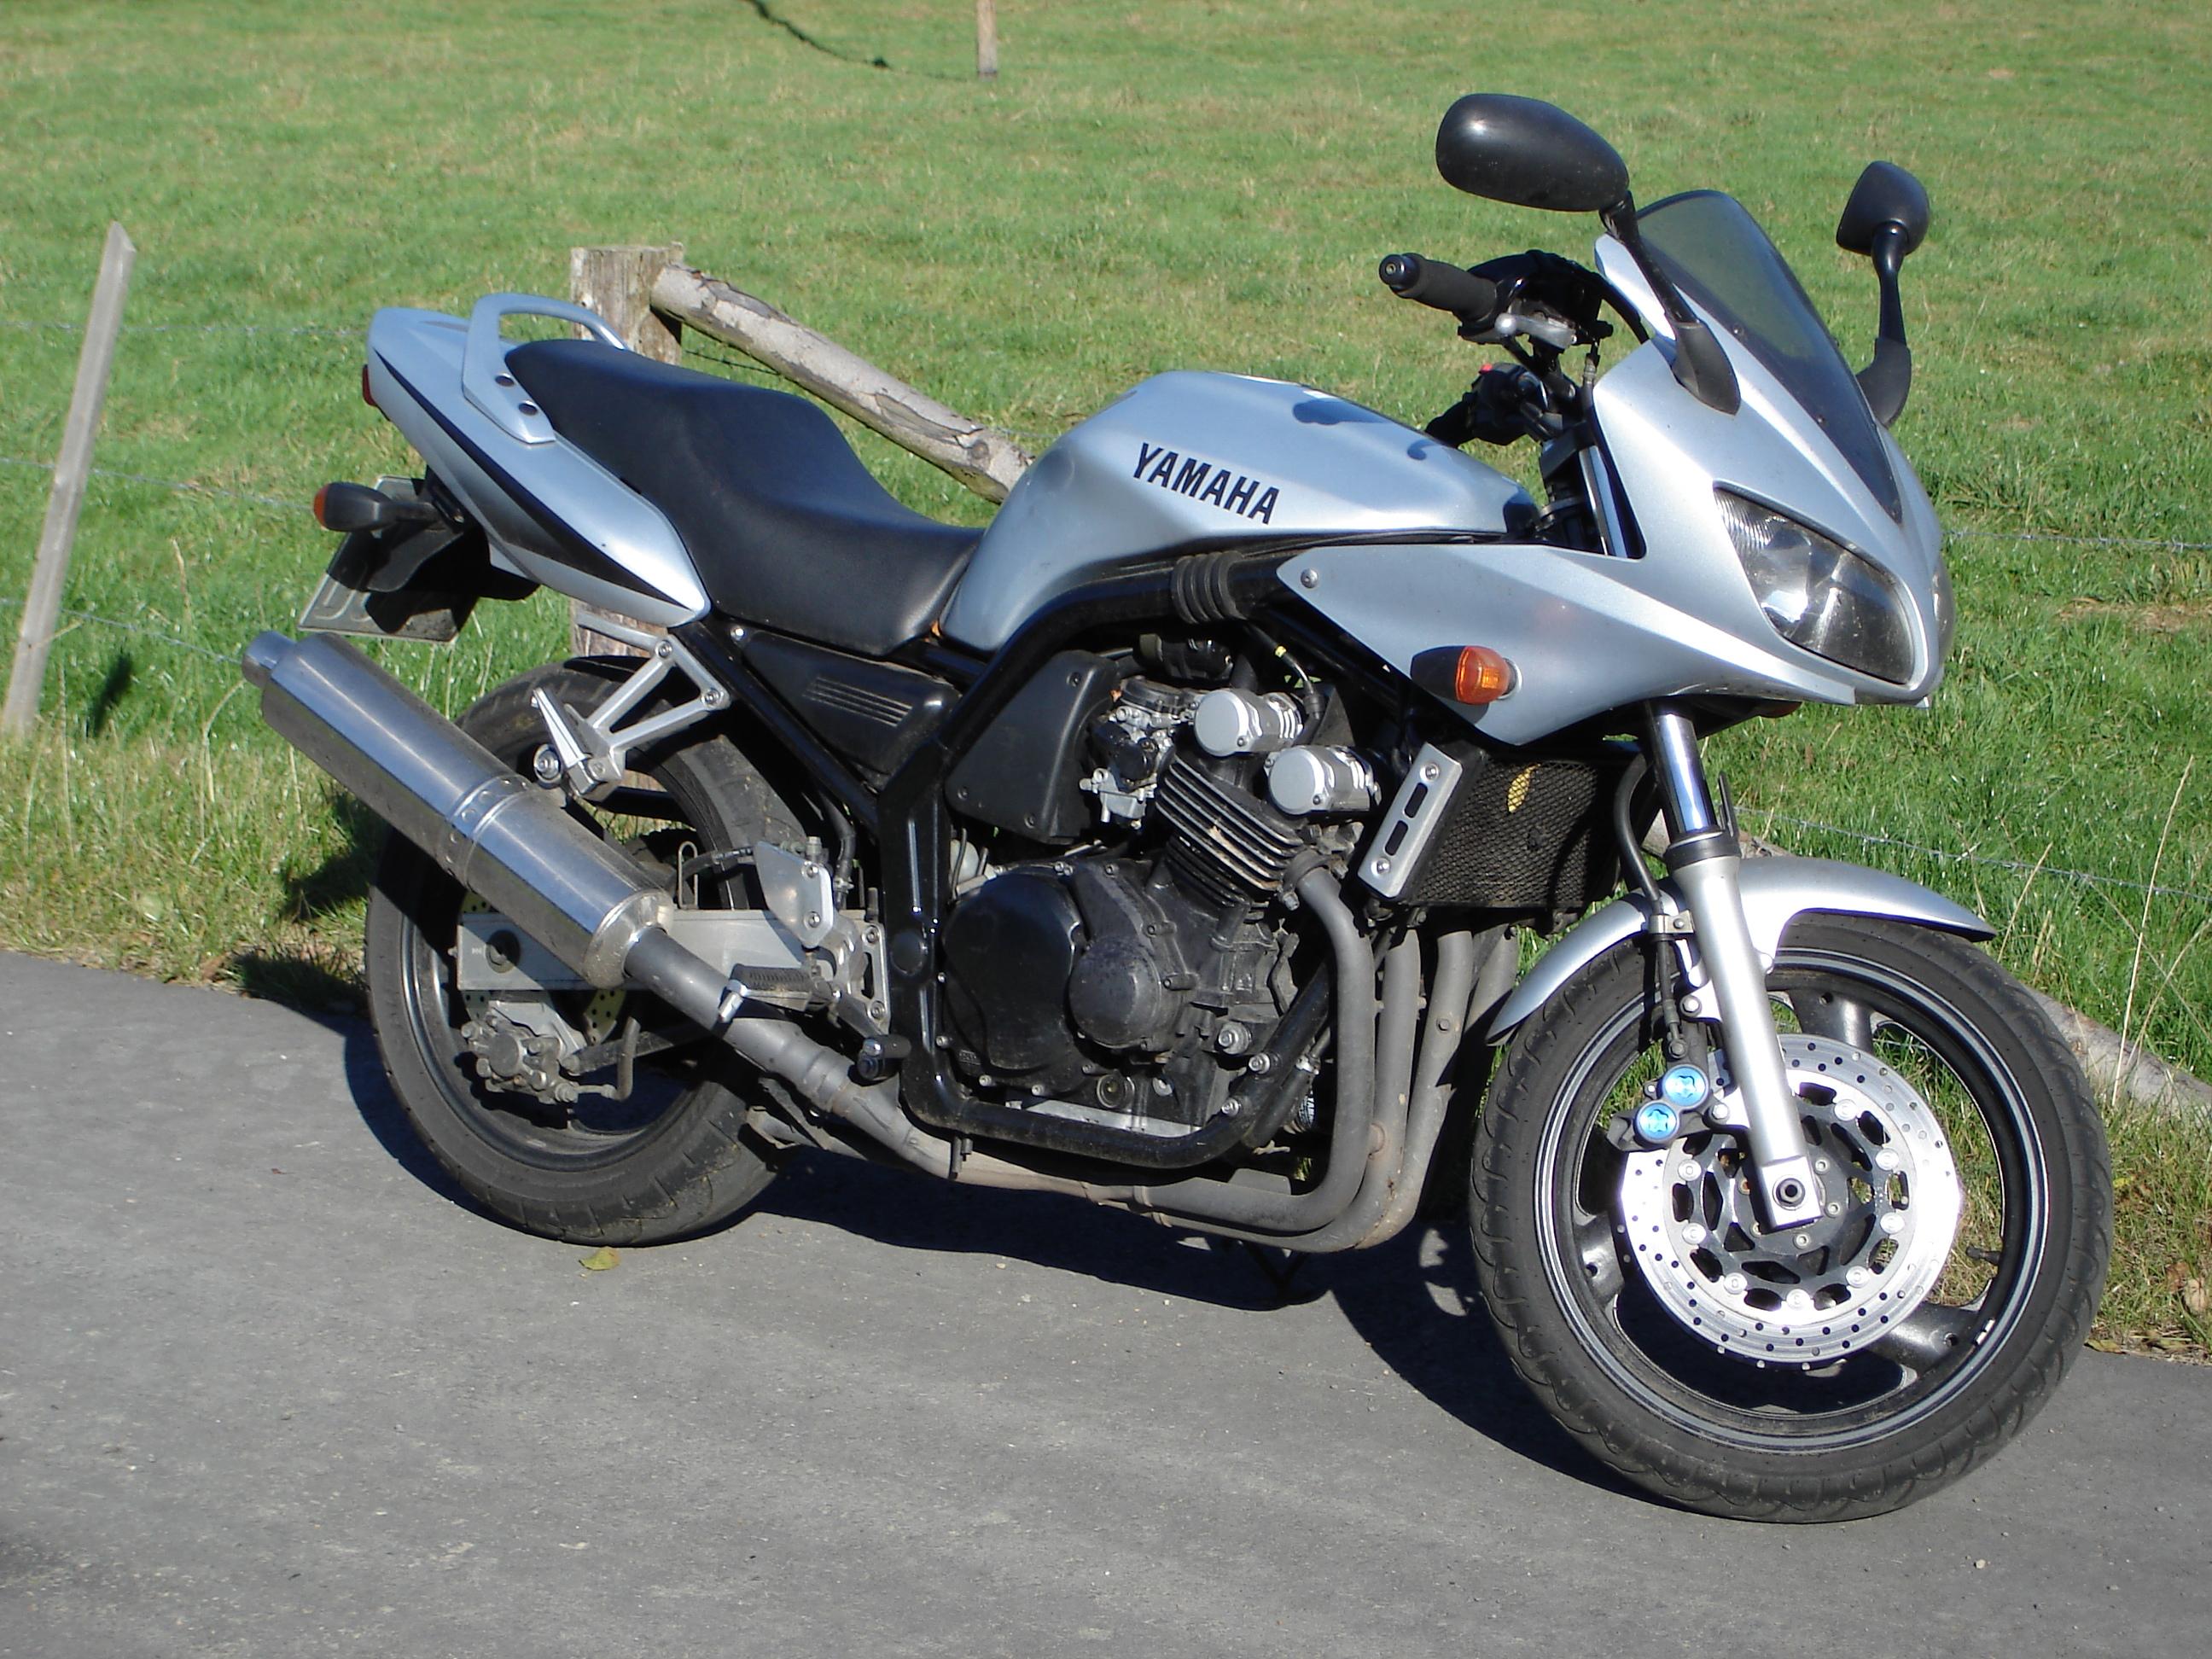 77968 Essai Longue Duree Deja Entame Fazer 600 De Momanon Yamaha Fzs 600 Fazer